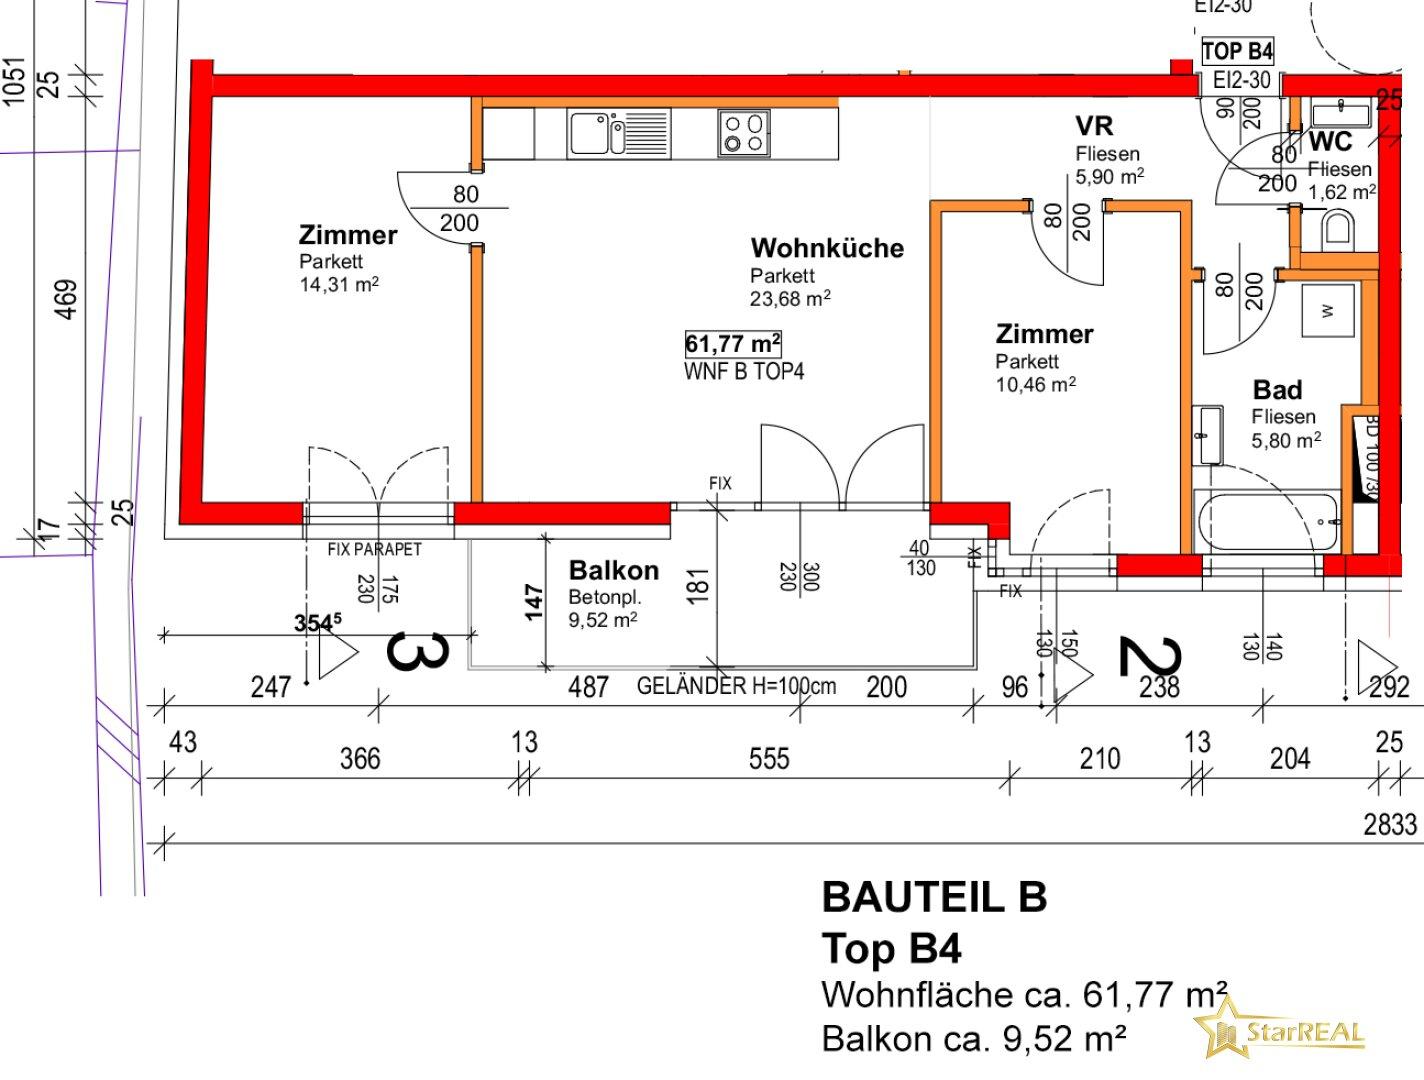 BAUTEIL B/TOP 4 - Grundriss